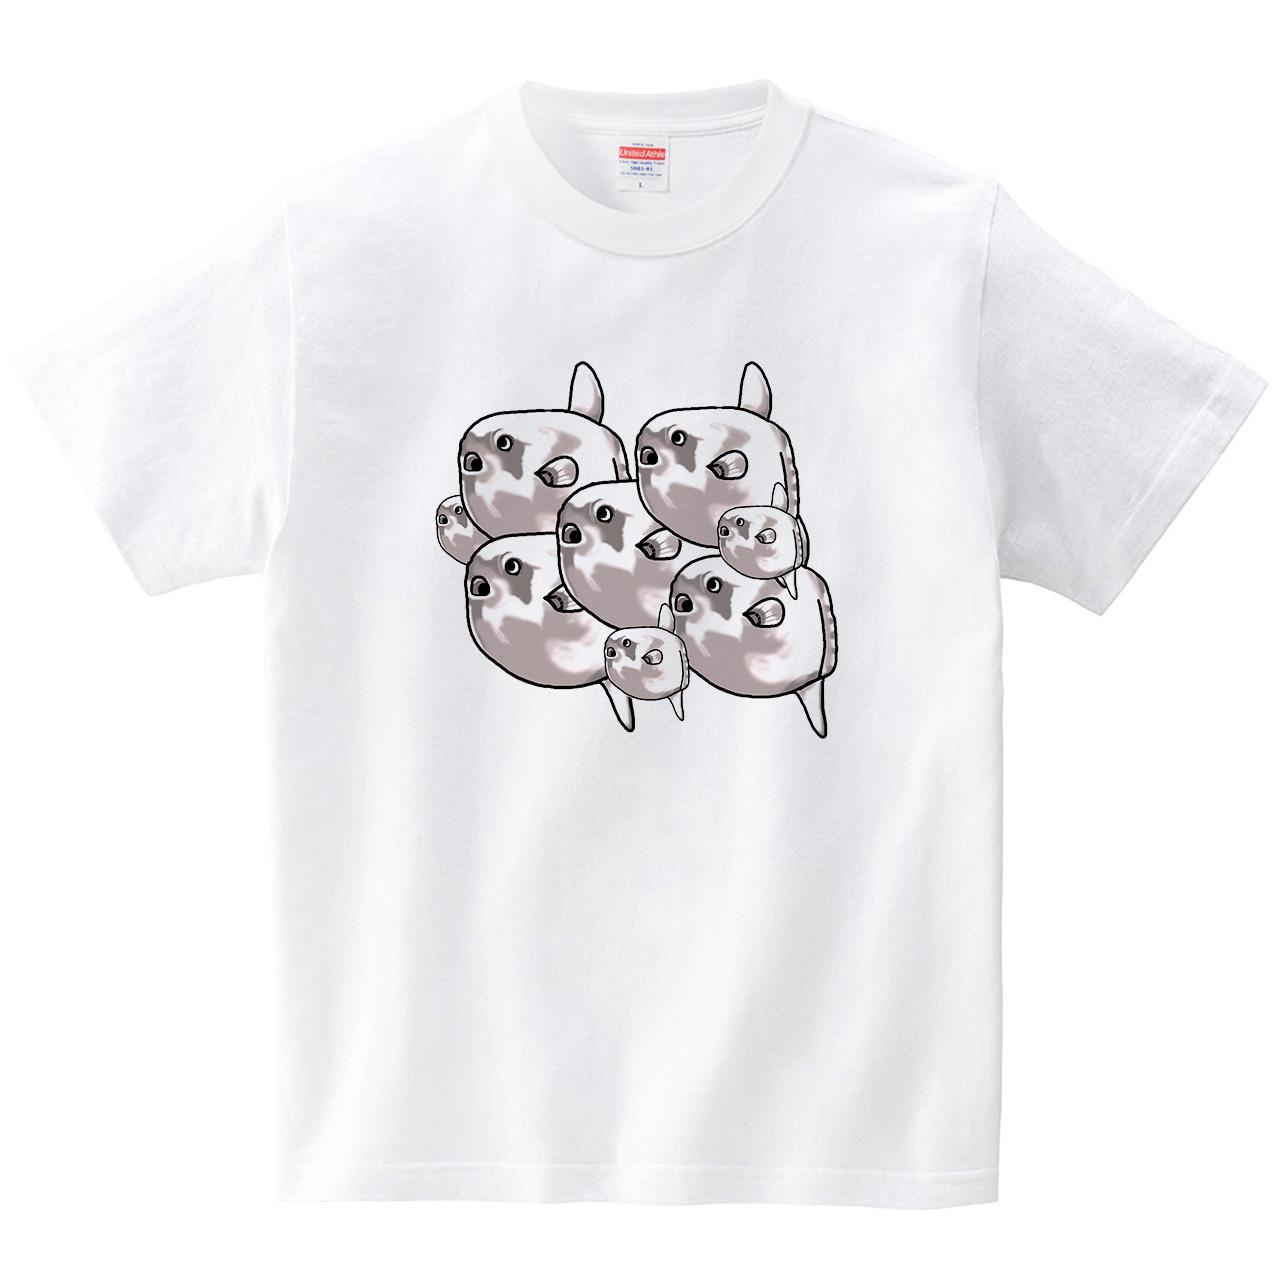 マンボウずらり(Tシャツ・ホワイト)(あおまんぼう)